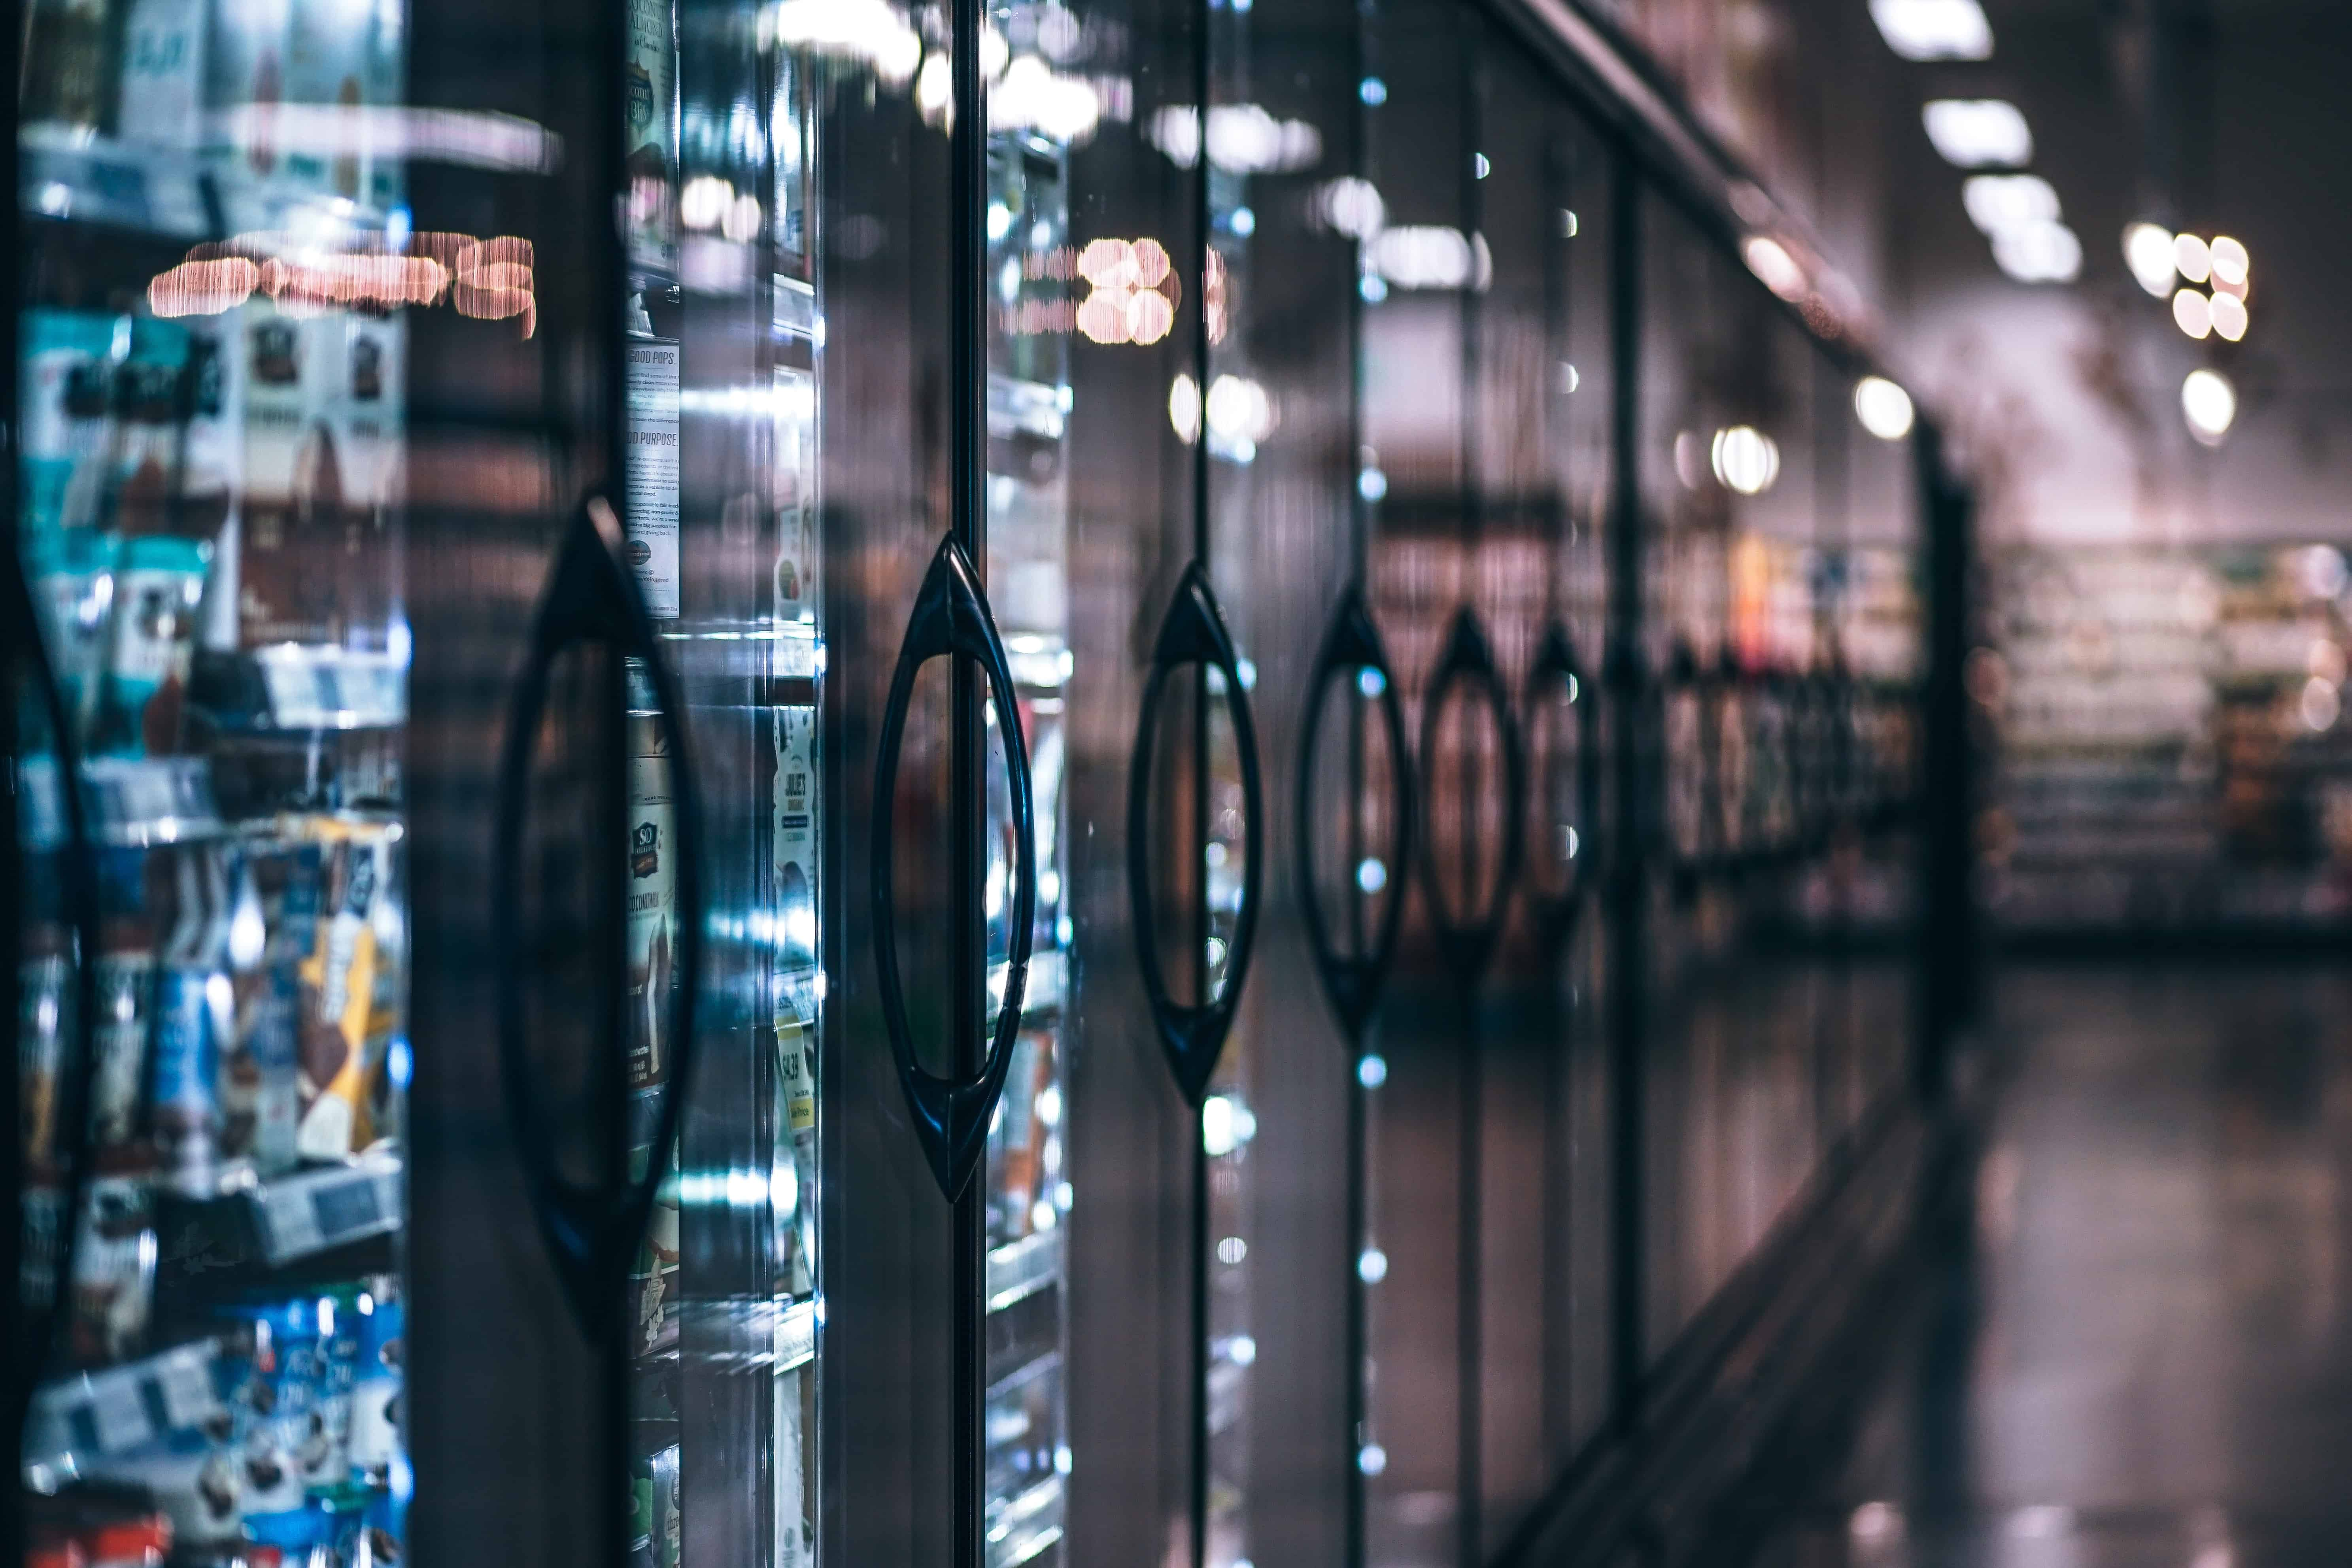 Gorenje Kühlschrank Abtauautomatik : Einbaukühlschrank test die besten kühlschränke im vergleich